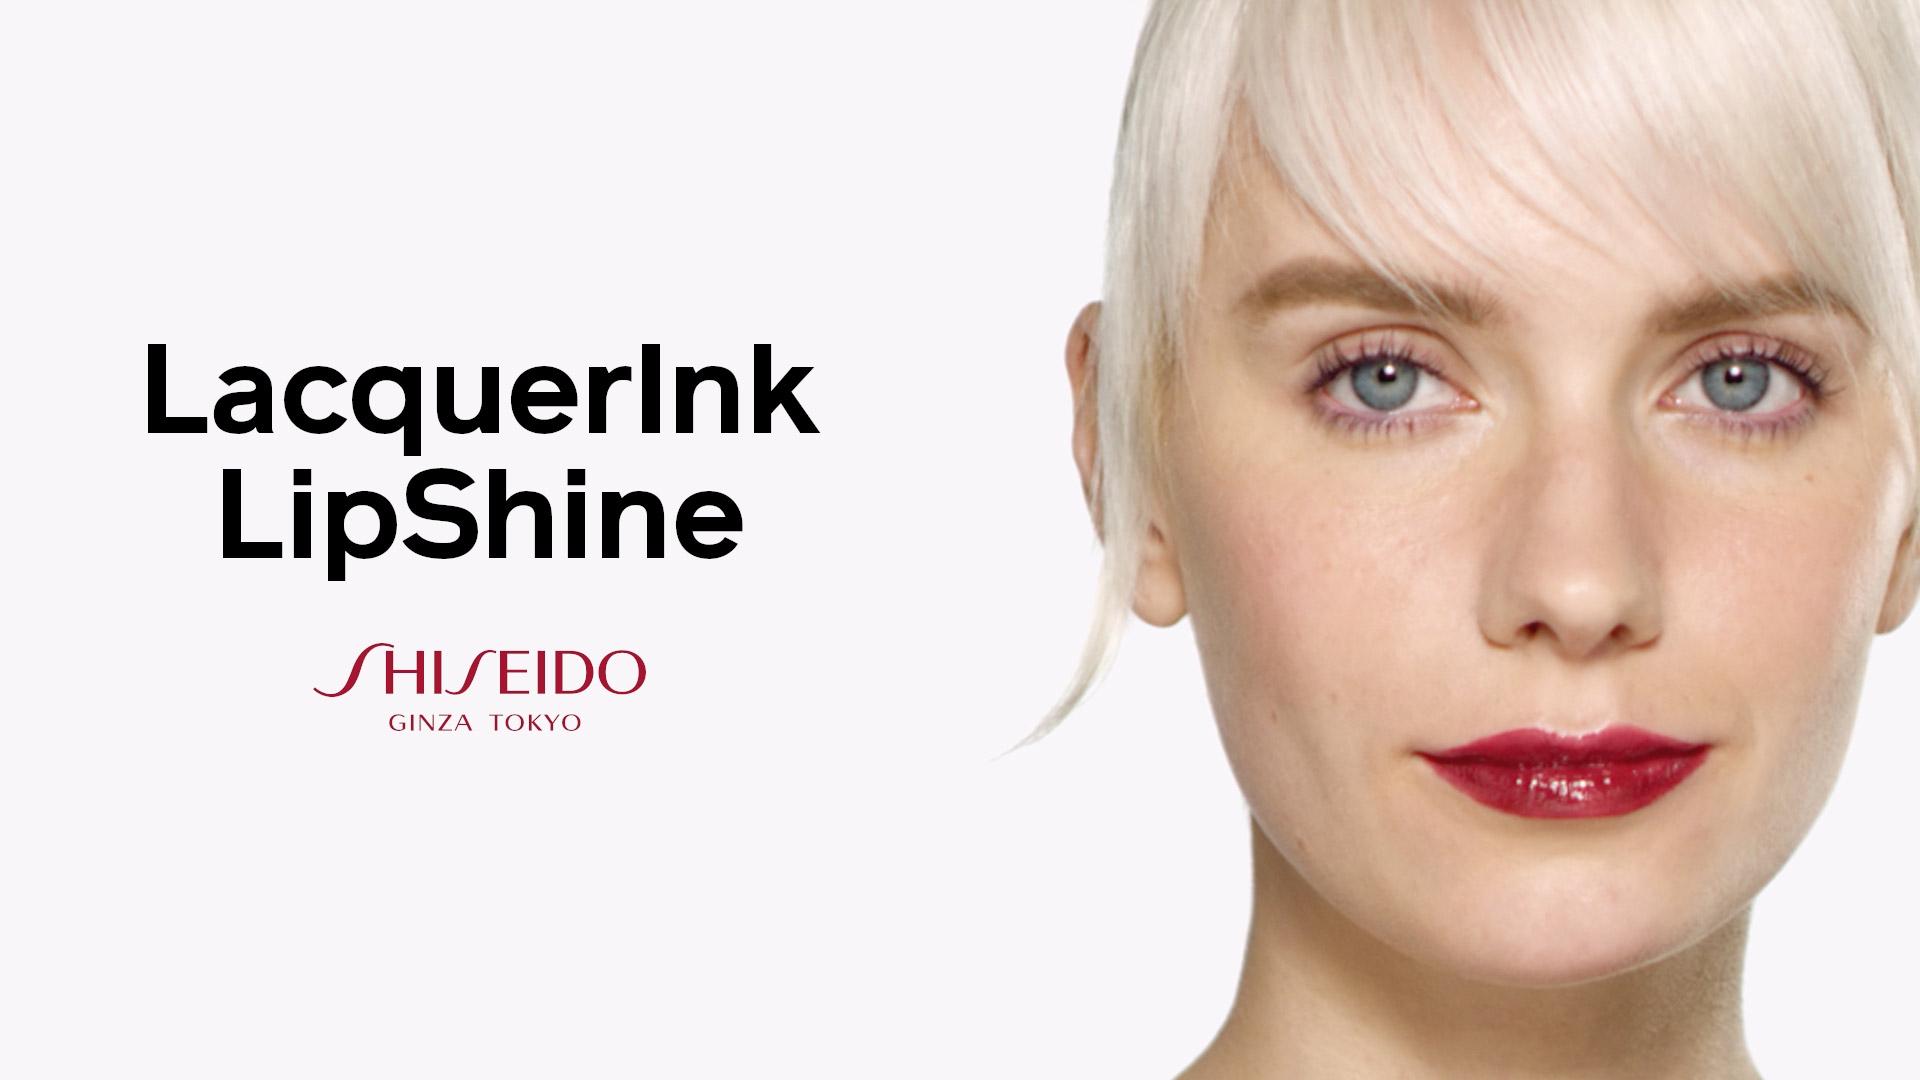 LacquerInk Lip Shine